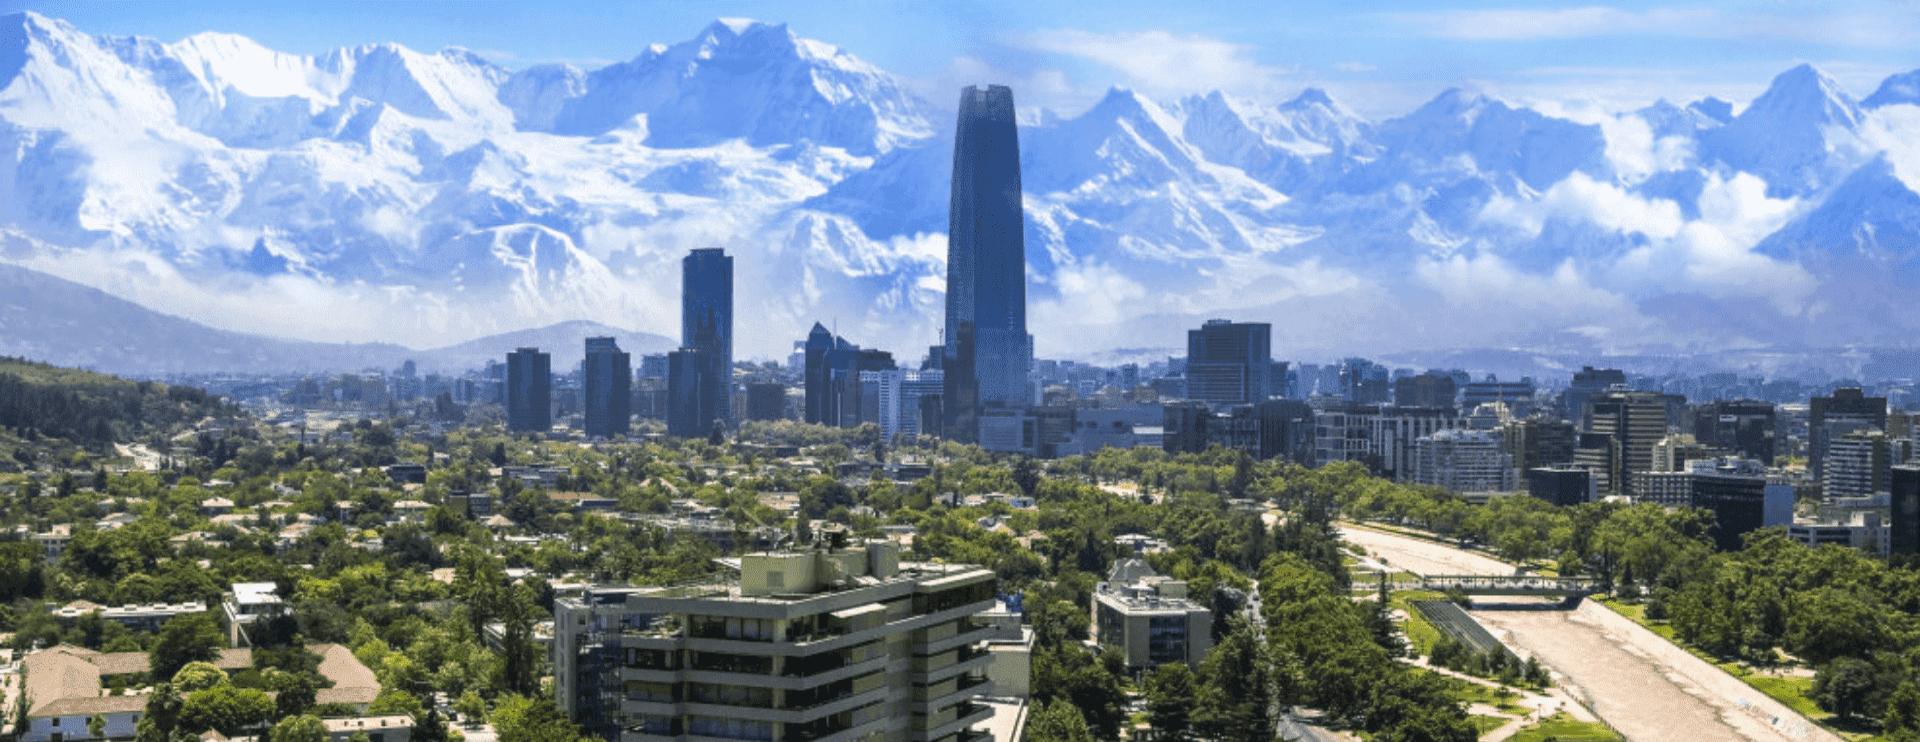 città con grattacieli e alberi e montagne nello sfondo